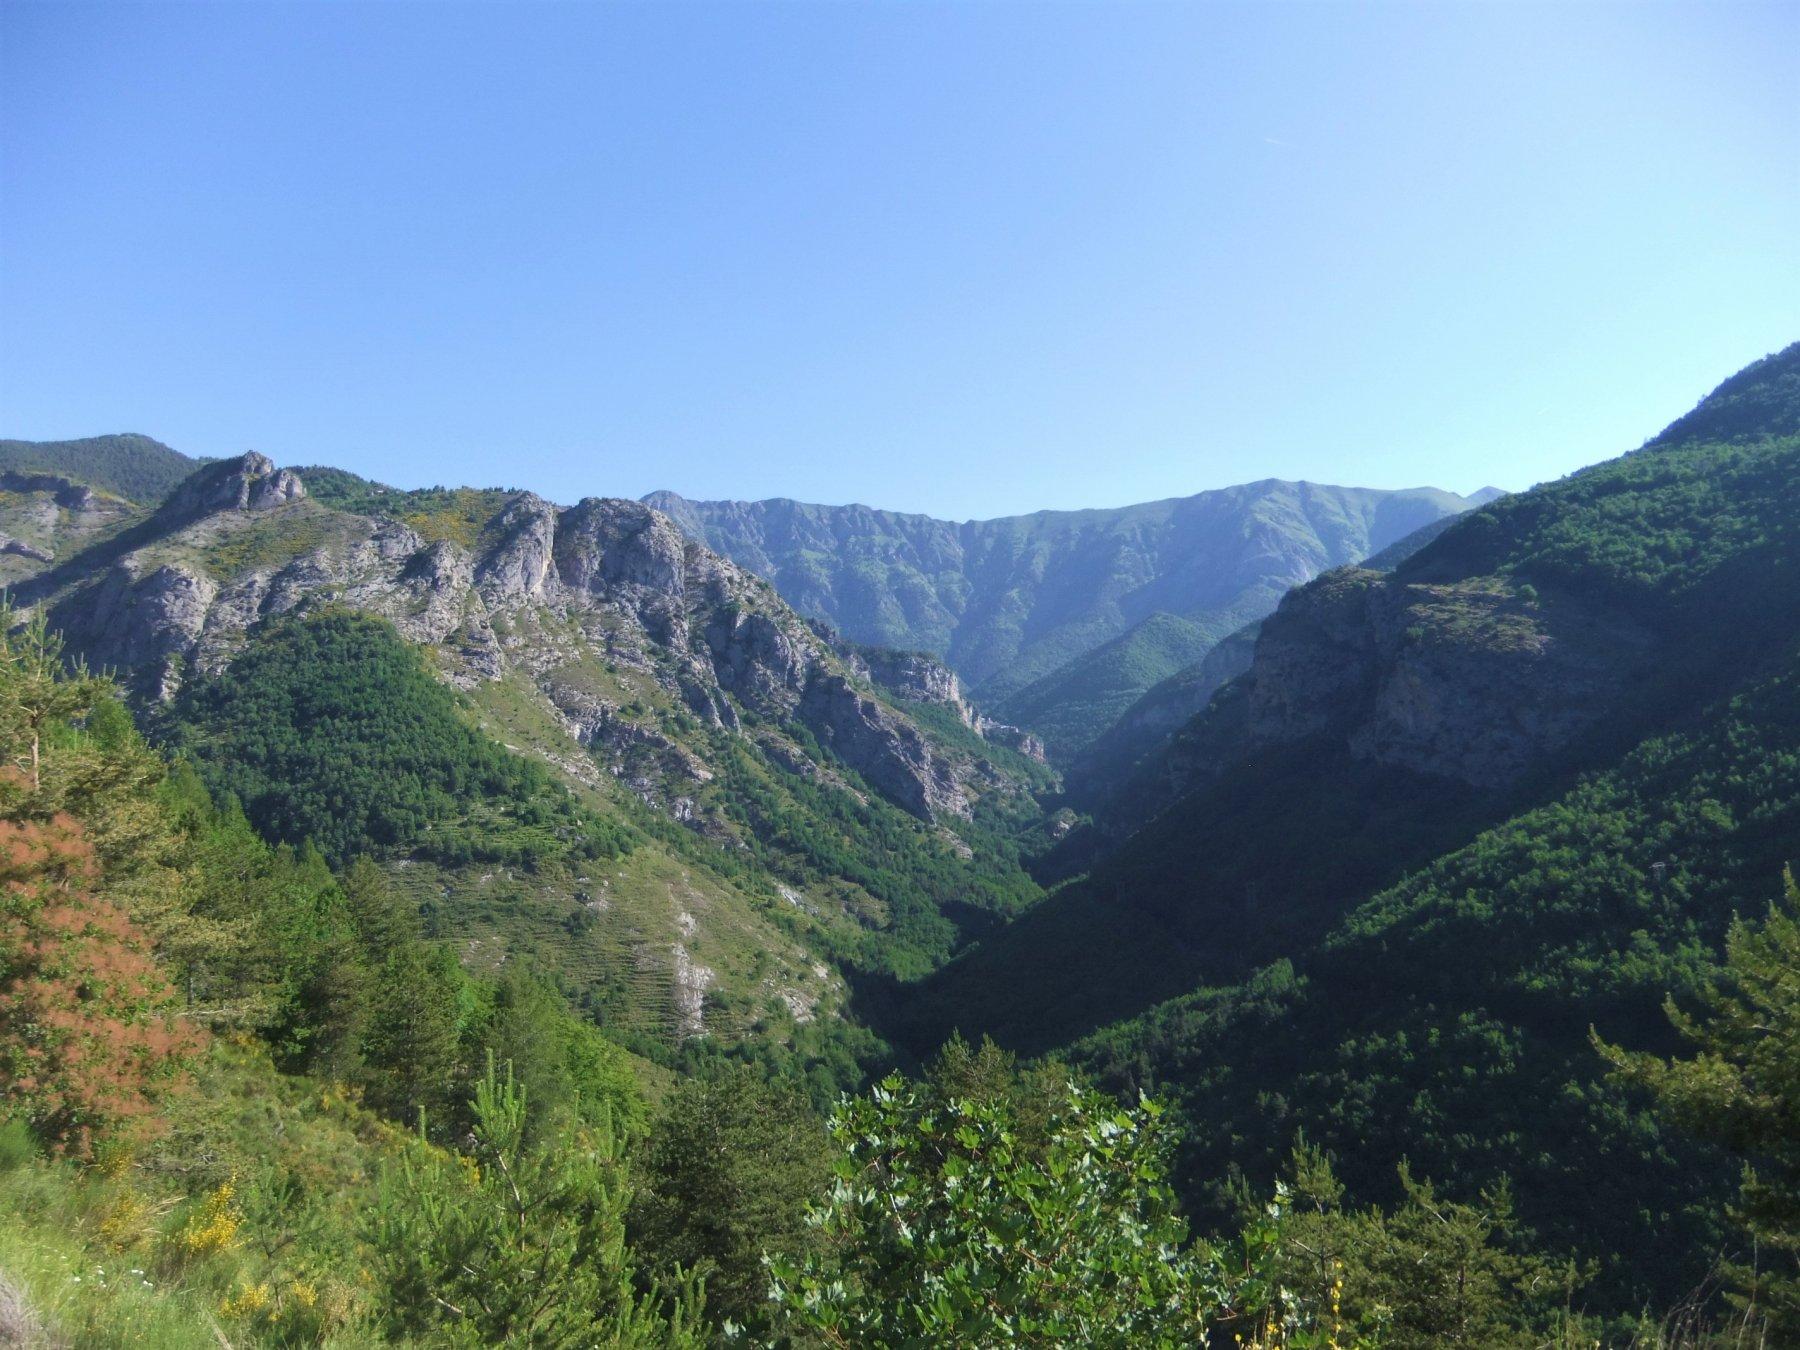 Il vallone di Realdo con il Saccarello sullo sfondo